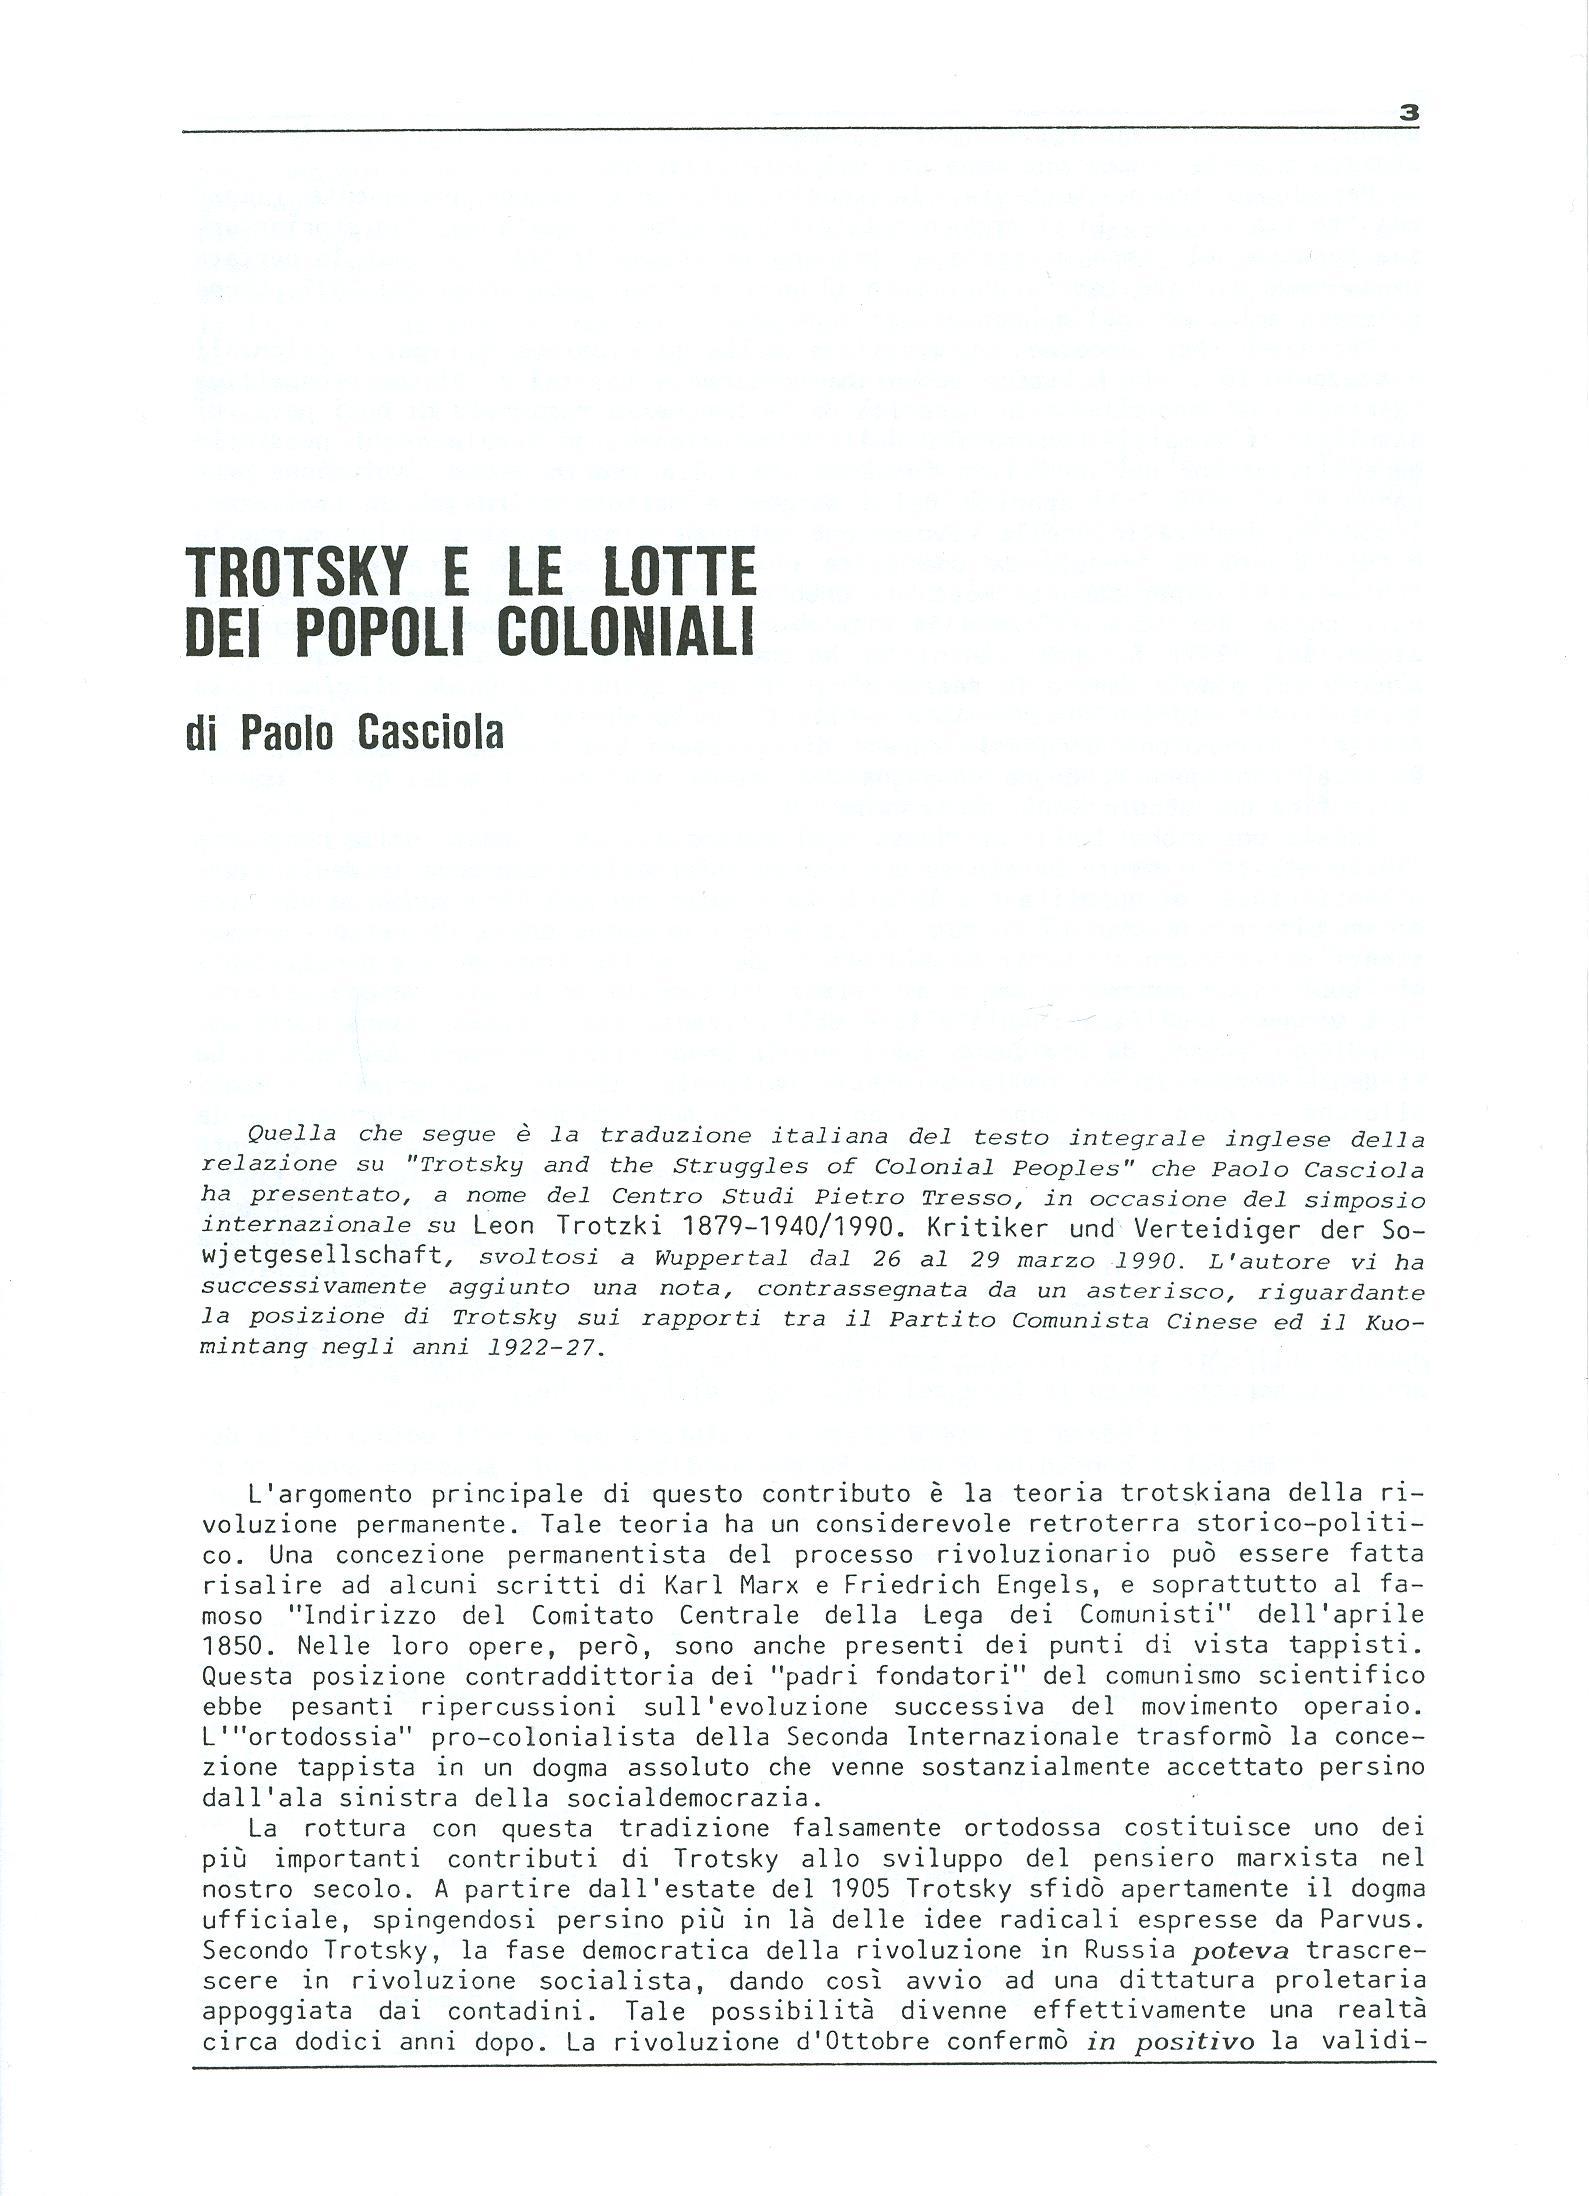 Studi e Ricerche n. 18 (aprile 1990) - pag. 3